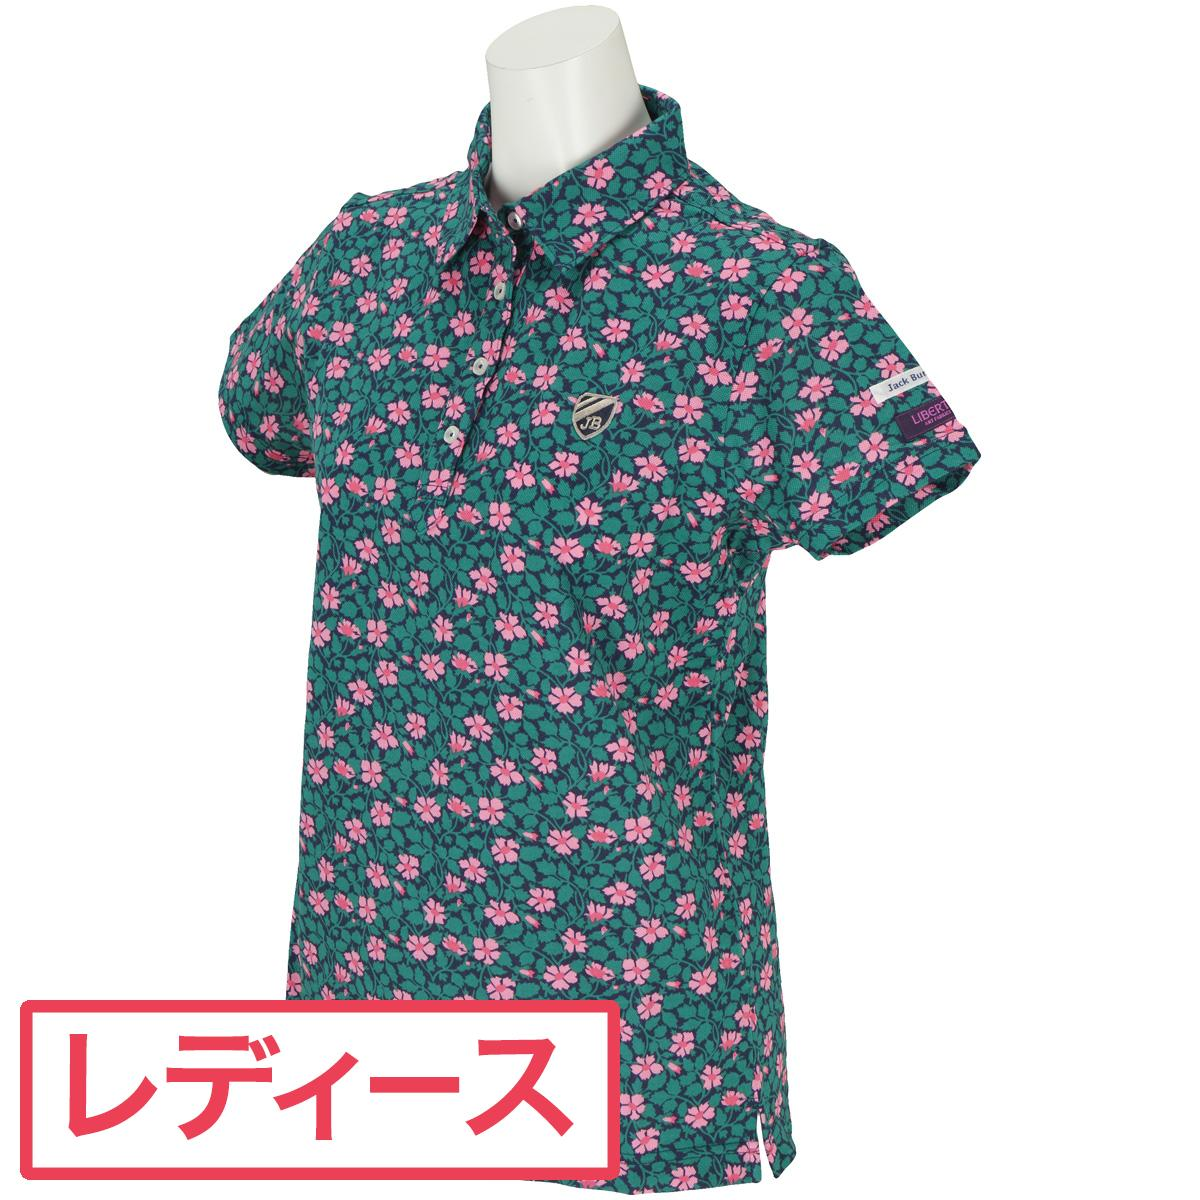 ジャックバニー Jack Bunny!! 鹿の子 LIBERTY 半袖ポロシャツ レディス